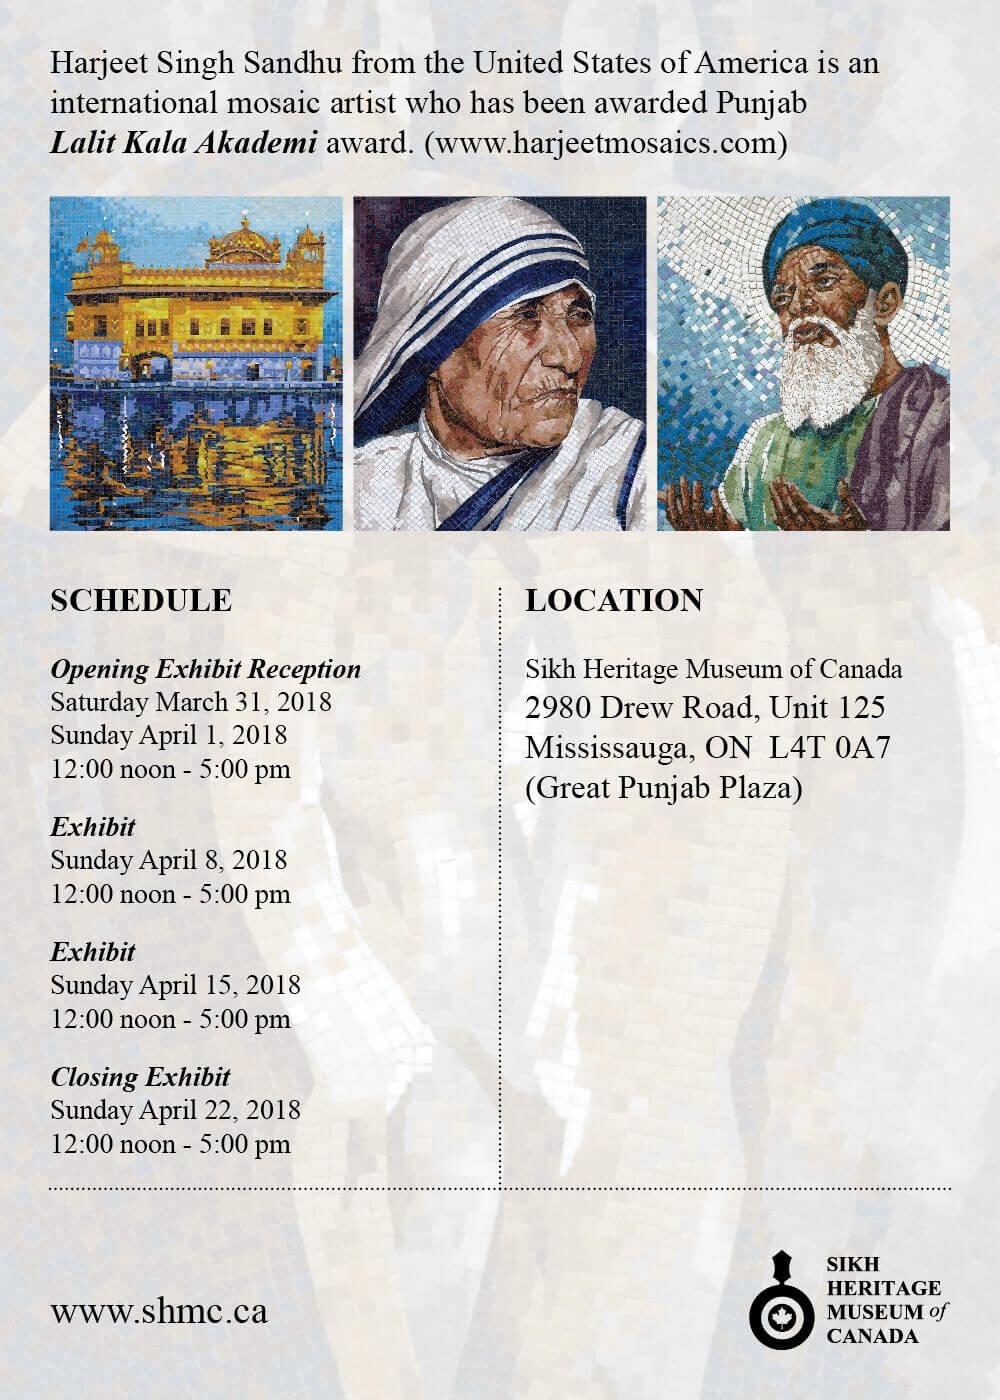 SHMC_PC_Sikh-Mosiac-Art_2018-02-09-02